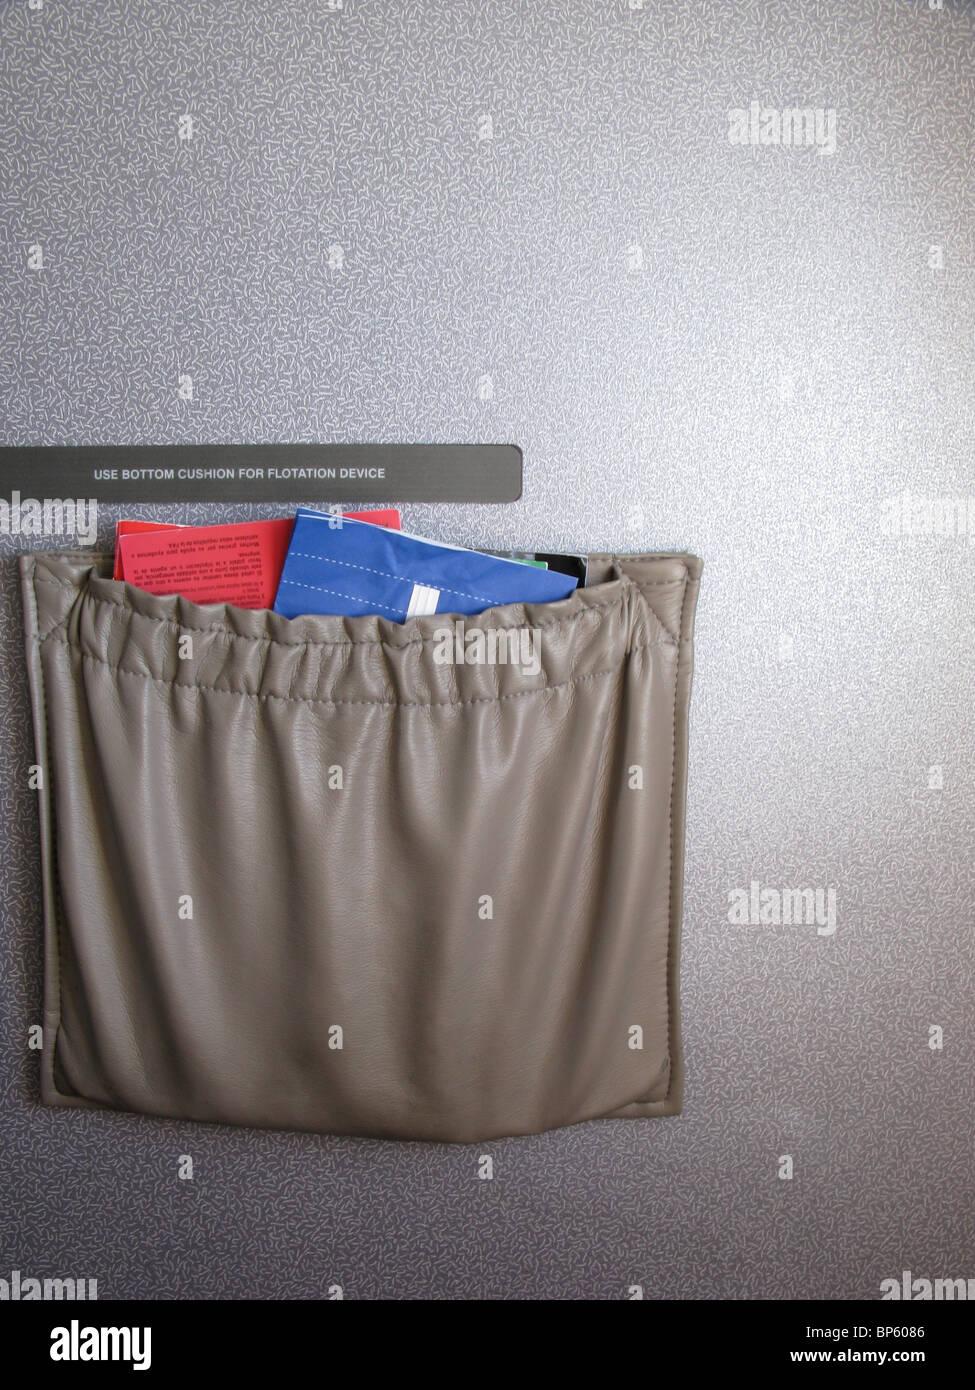 Die Sitze Taschen der ein Passagierflugzeug mit Anweisungen für Notfälle, ein Bordmagazin und Airbag-Krankheit. Stockbild